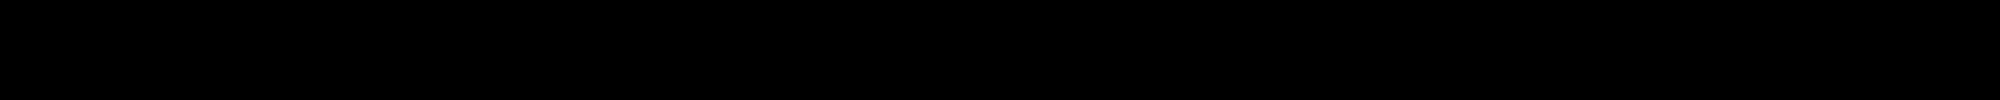 Barra-Negra-Superior.png